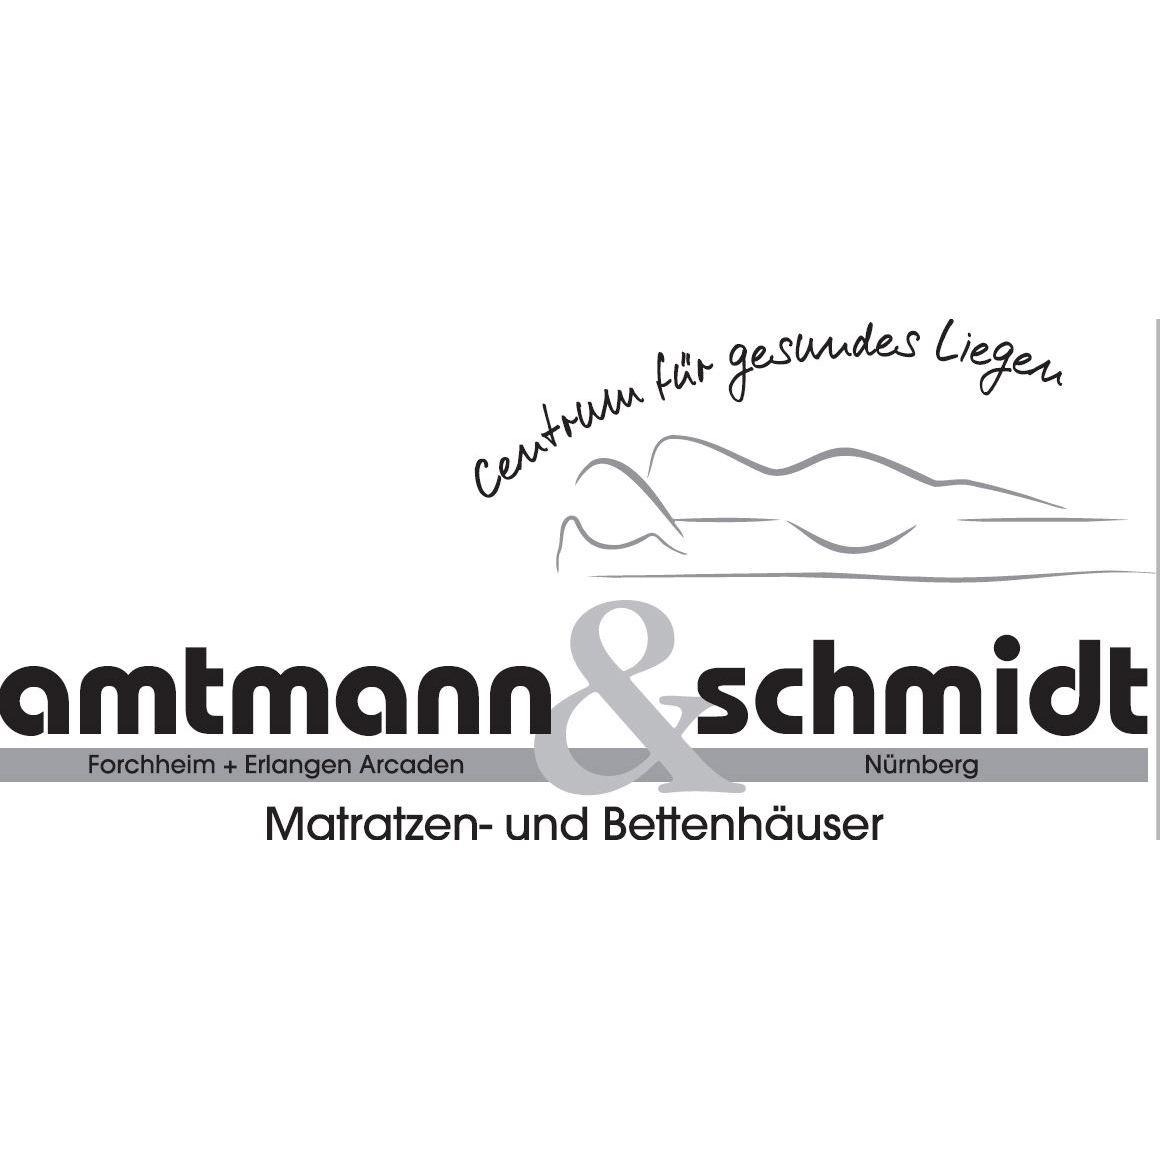 Logo von amtmann & schmidt, Matratzen- und Bettenhäuser, Centrum für gesundes Liegen